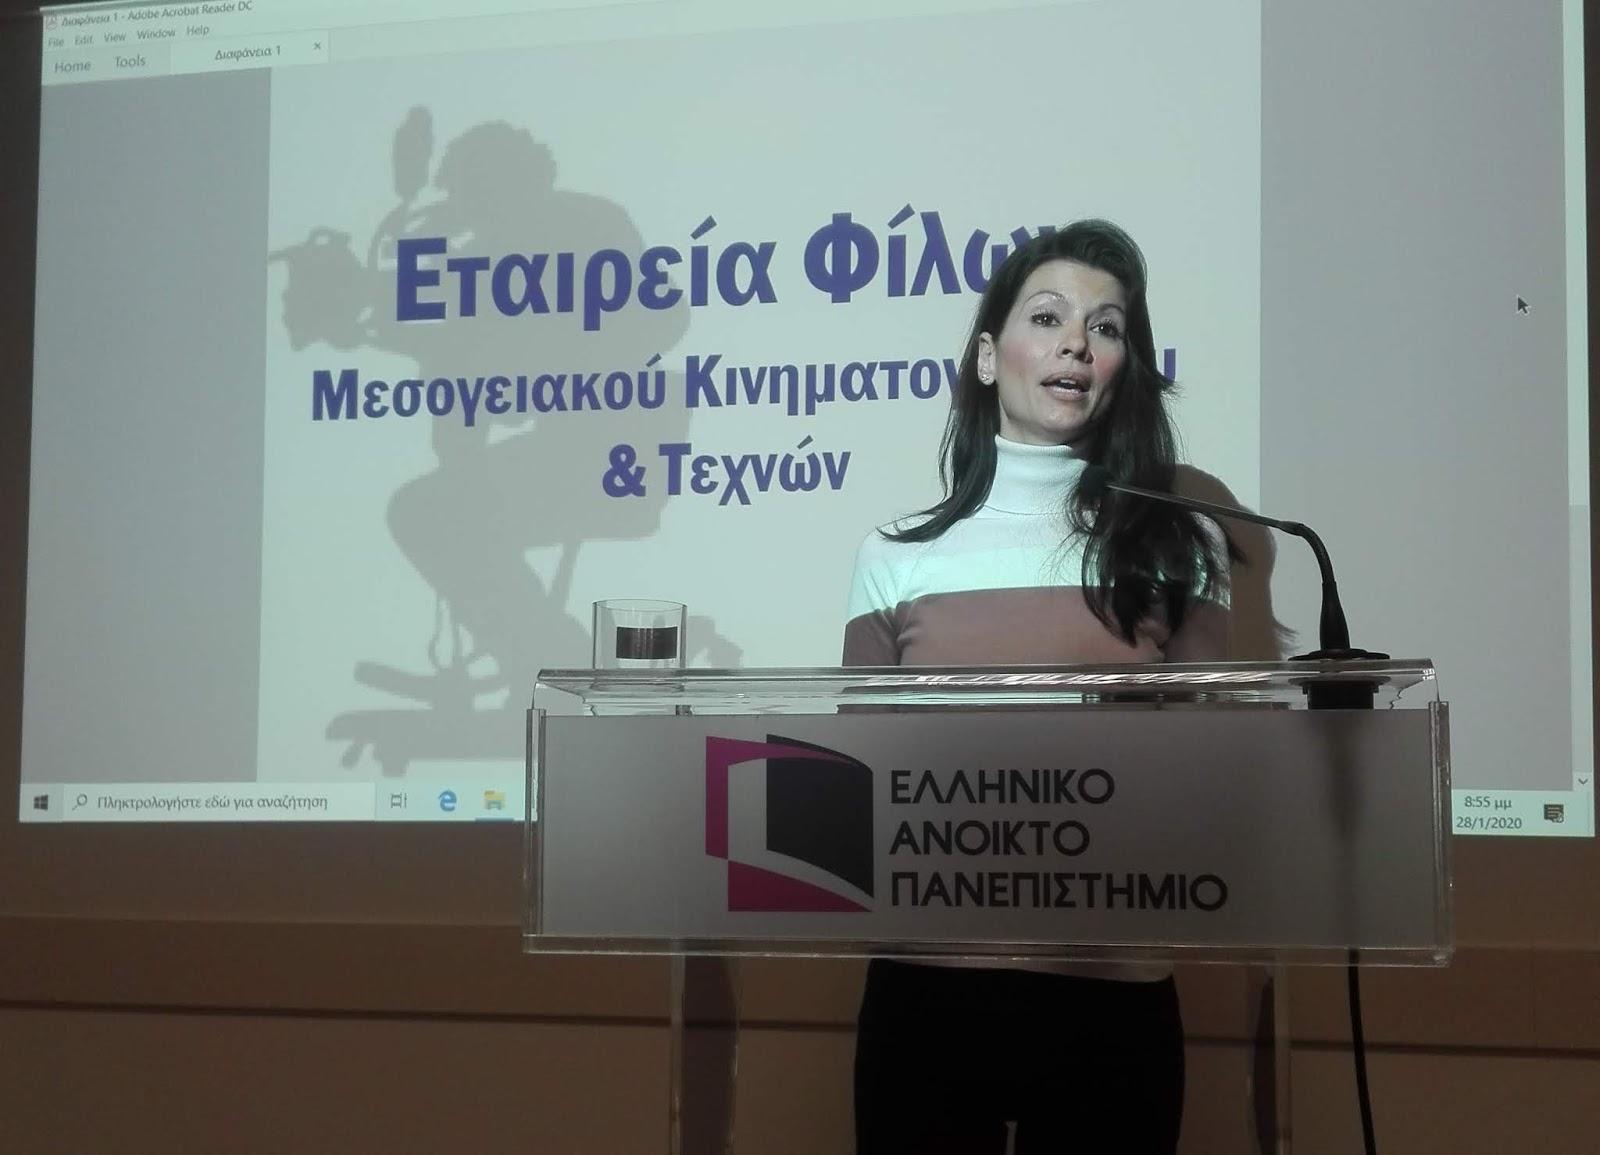 Οι Φίλοι του Μεσογειακού Κινηματογράφου υποστηρίζουν το Φεστιβάλ Δράμας